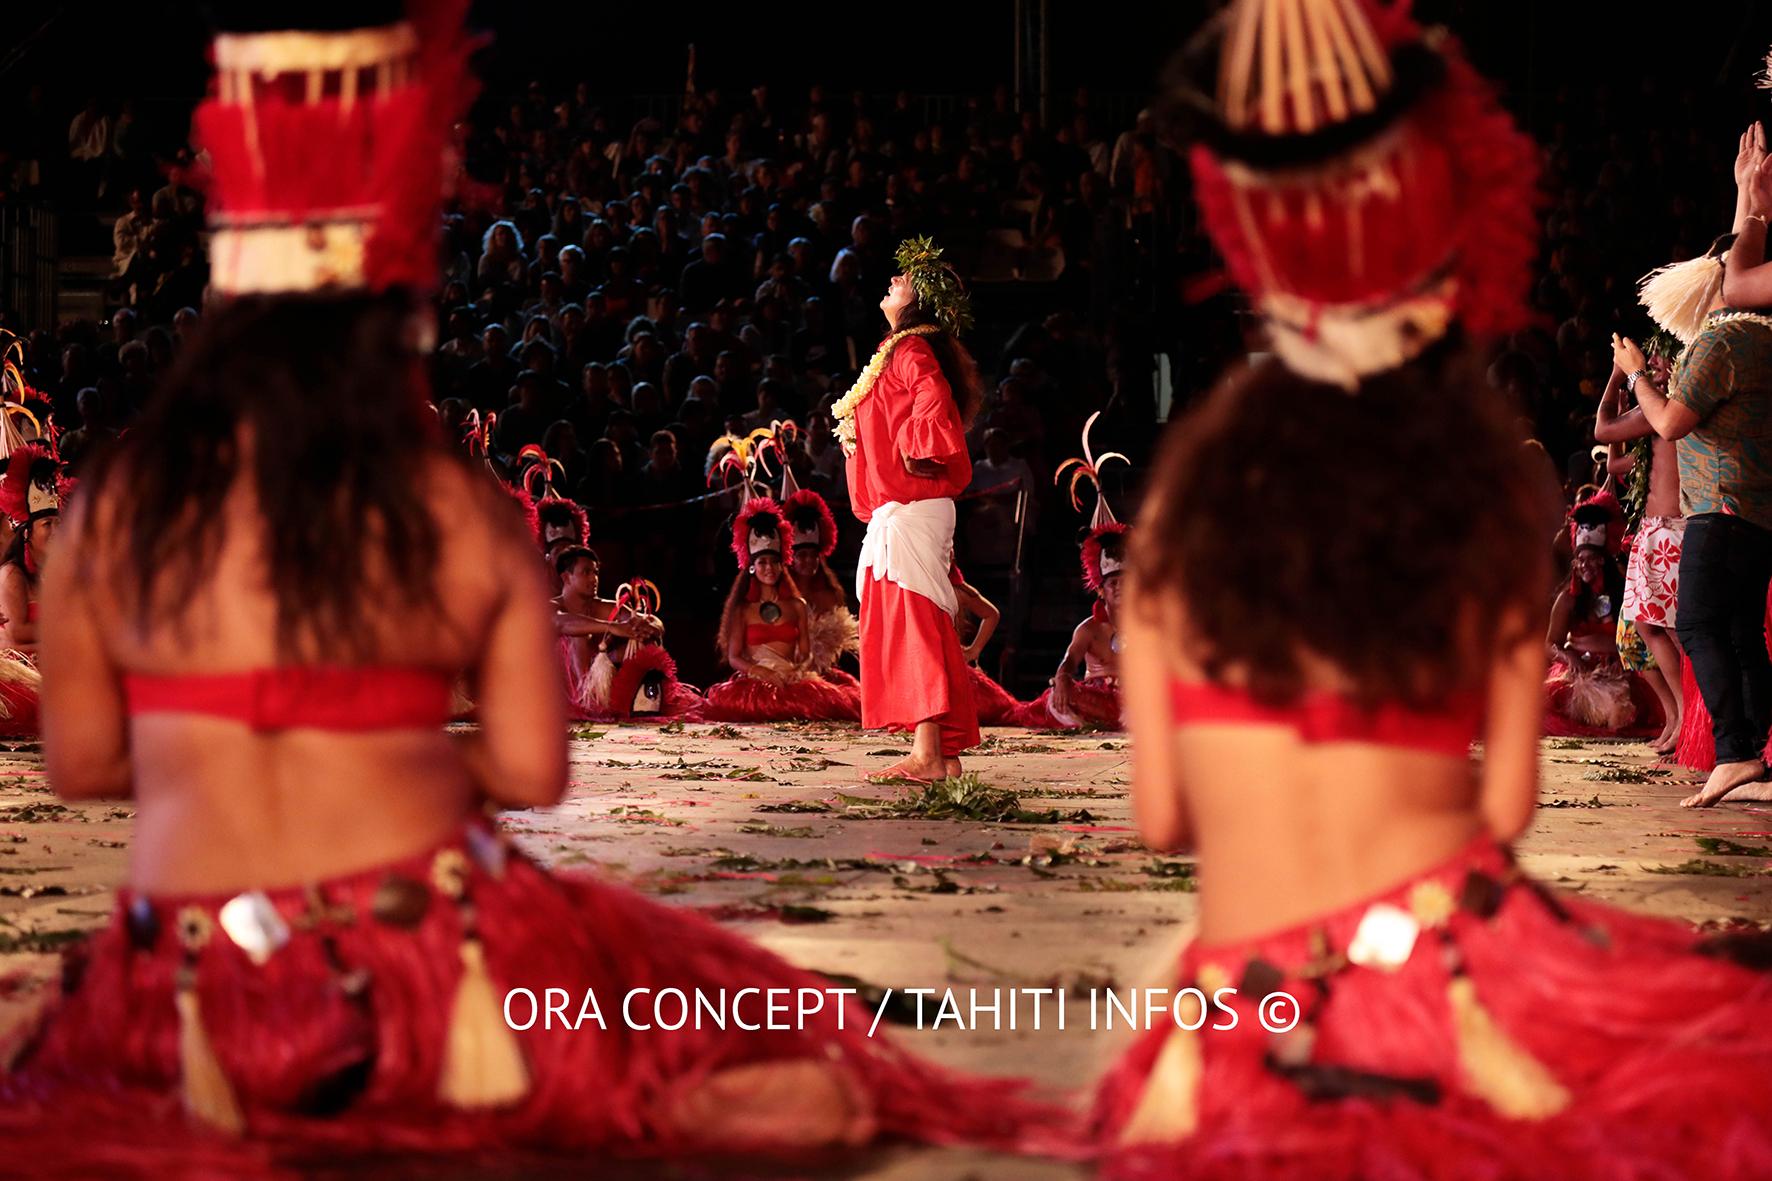 Les membres de la troupe O Tahiti E a rendu hommage à Marguerite Lai qui a fait ses adieux au Heiva.